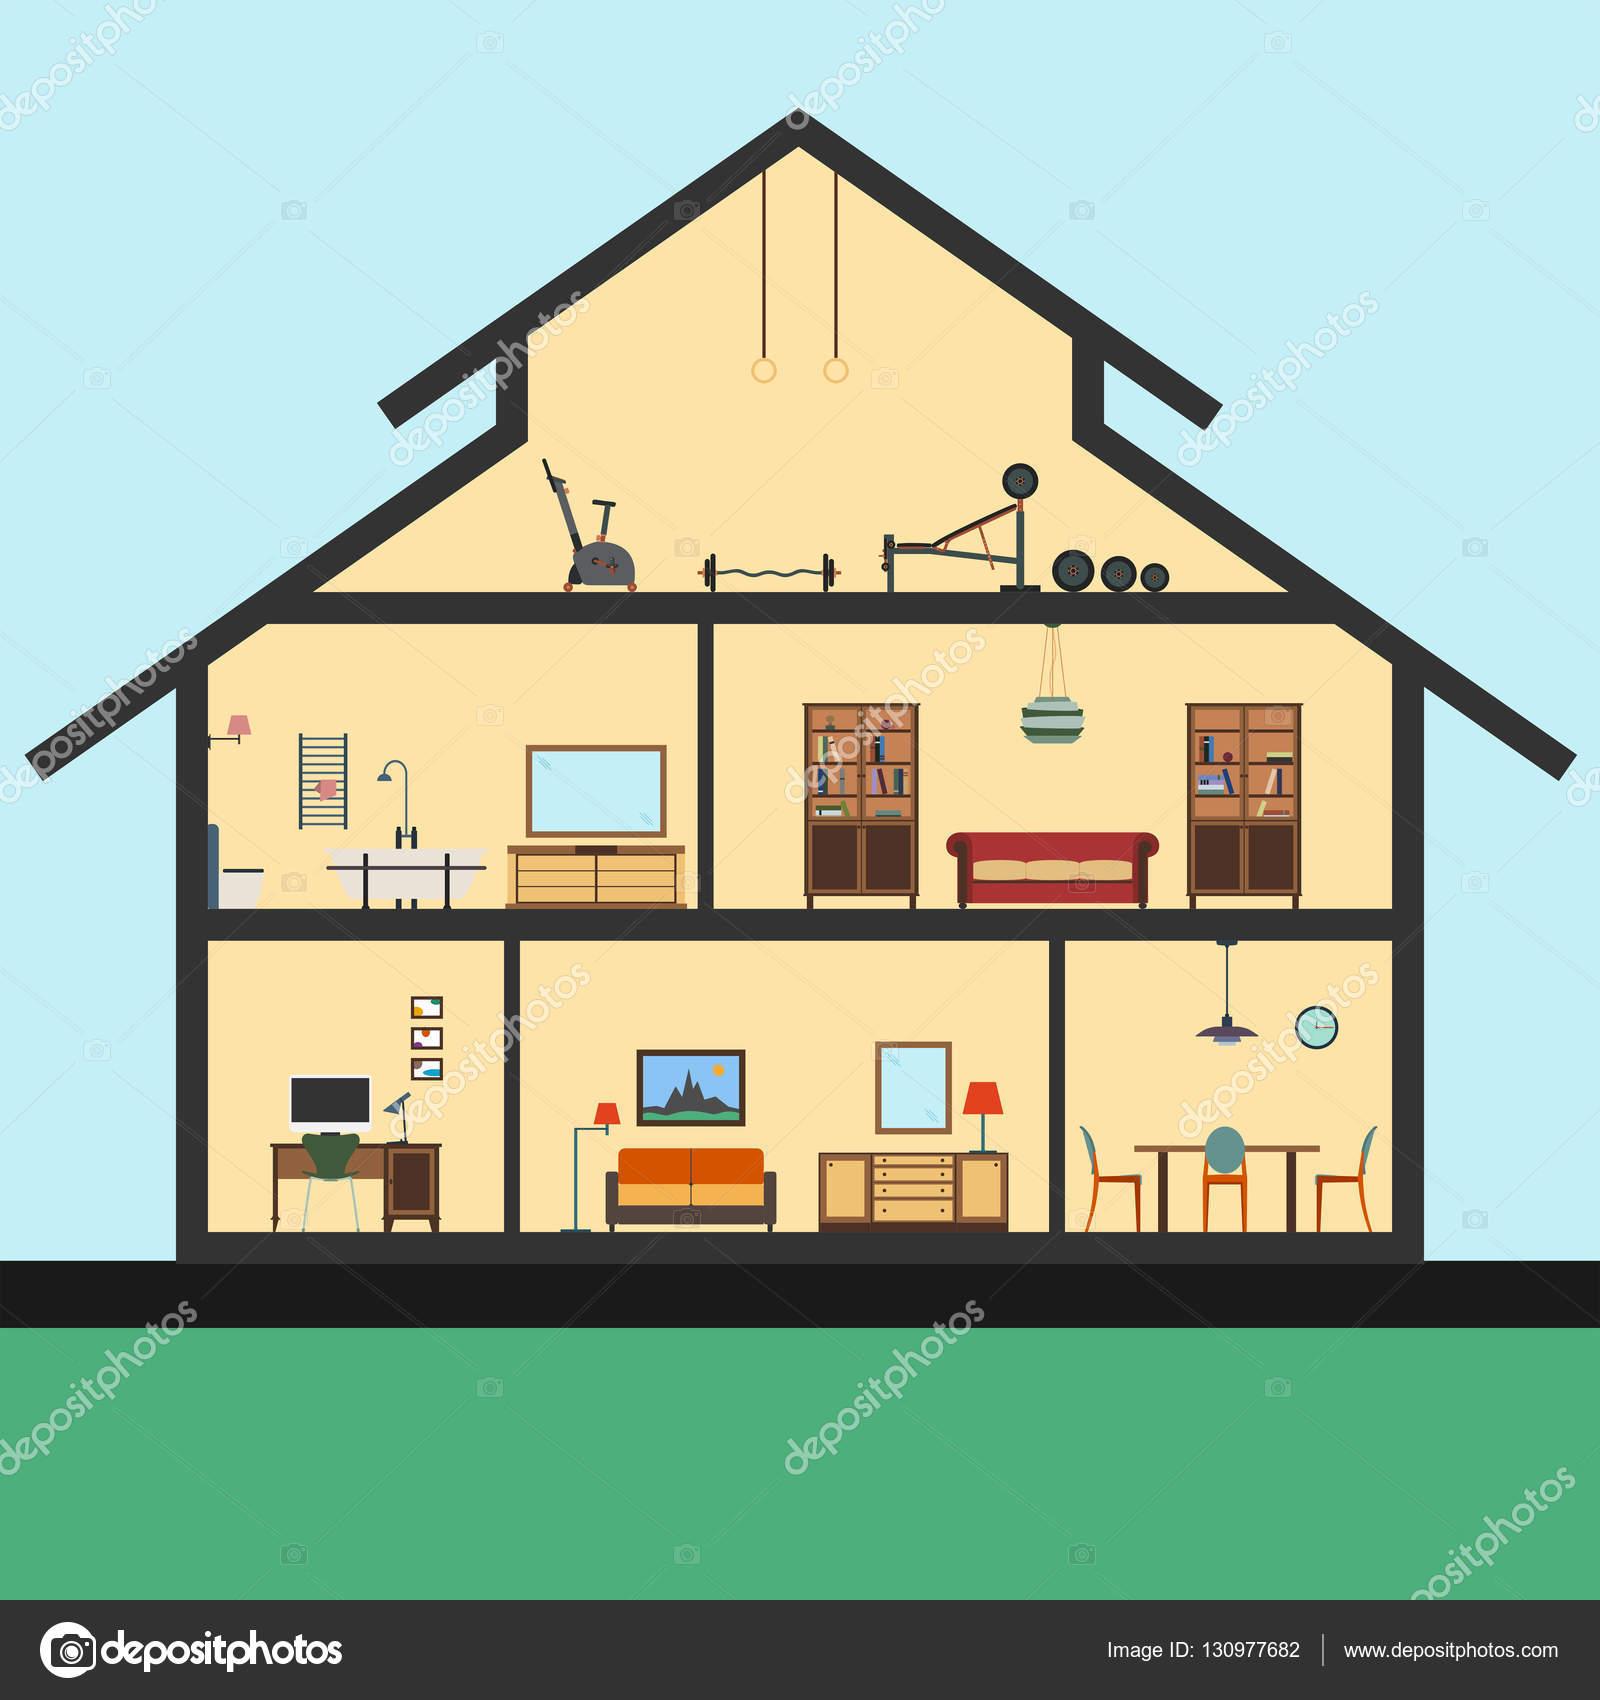 diferentes muebles en interiores estilo plano ilustracin grfica u foto de whilerests